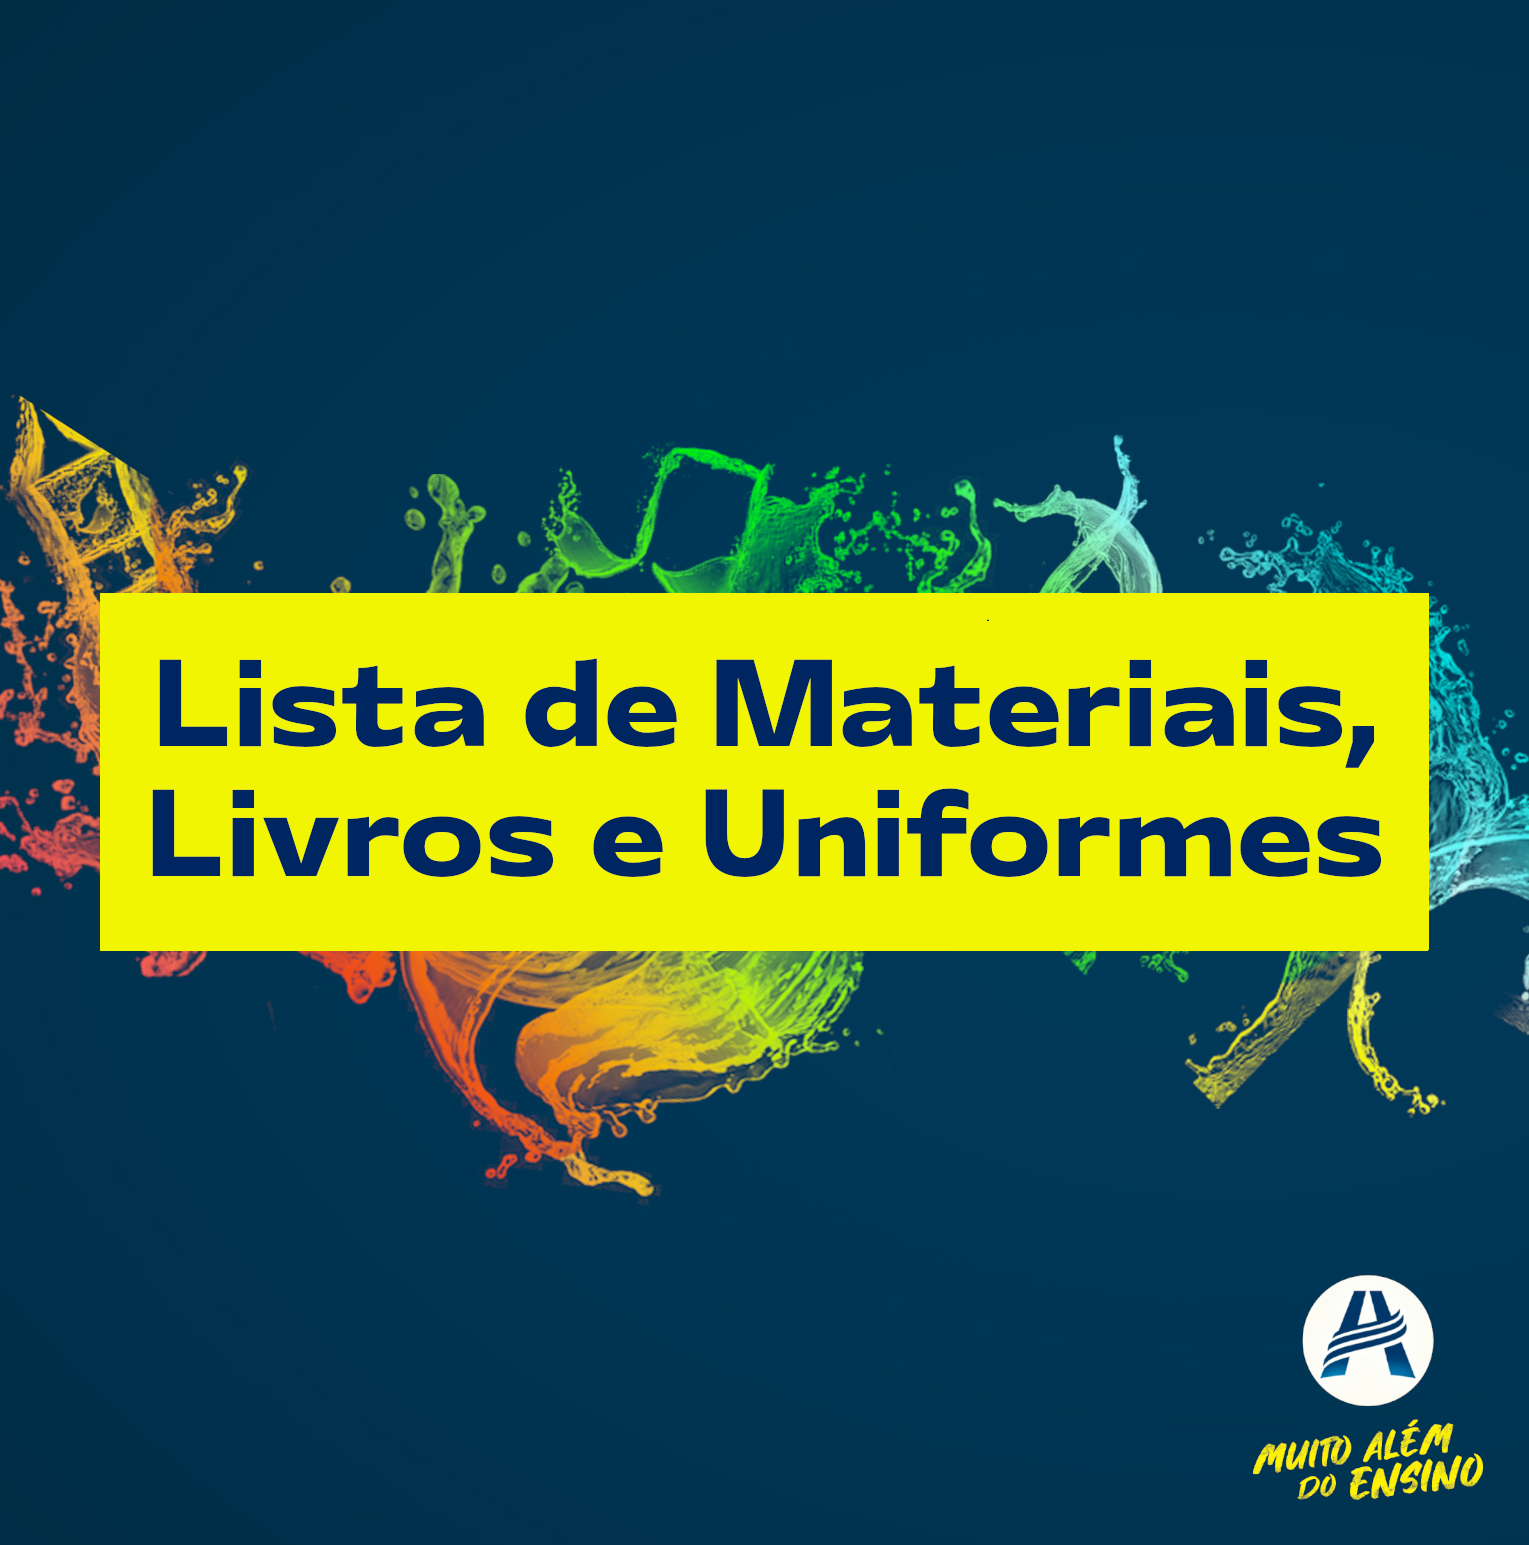 Lista de Materiais, Livros e Uniformes 2021